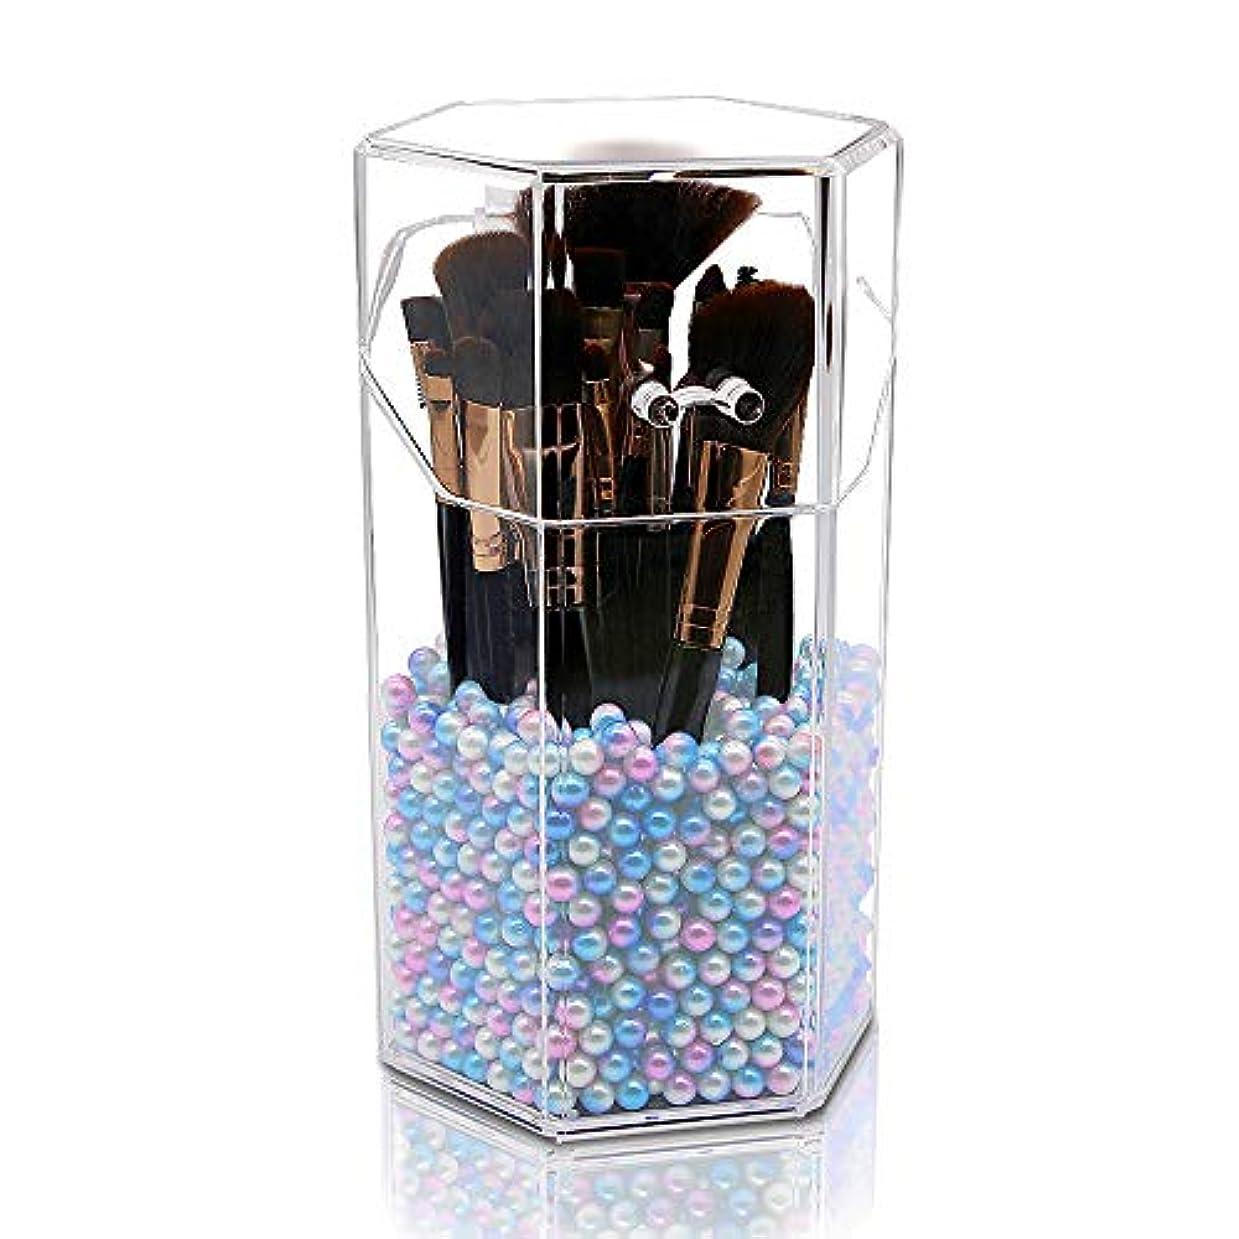 サミット誘惑するファイター透明 メイクブラシホルダー コスメ収納 化粧ブラシ収納筒 真珠 収納ボックス 化粧収納ボックス 防塵